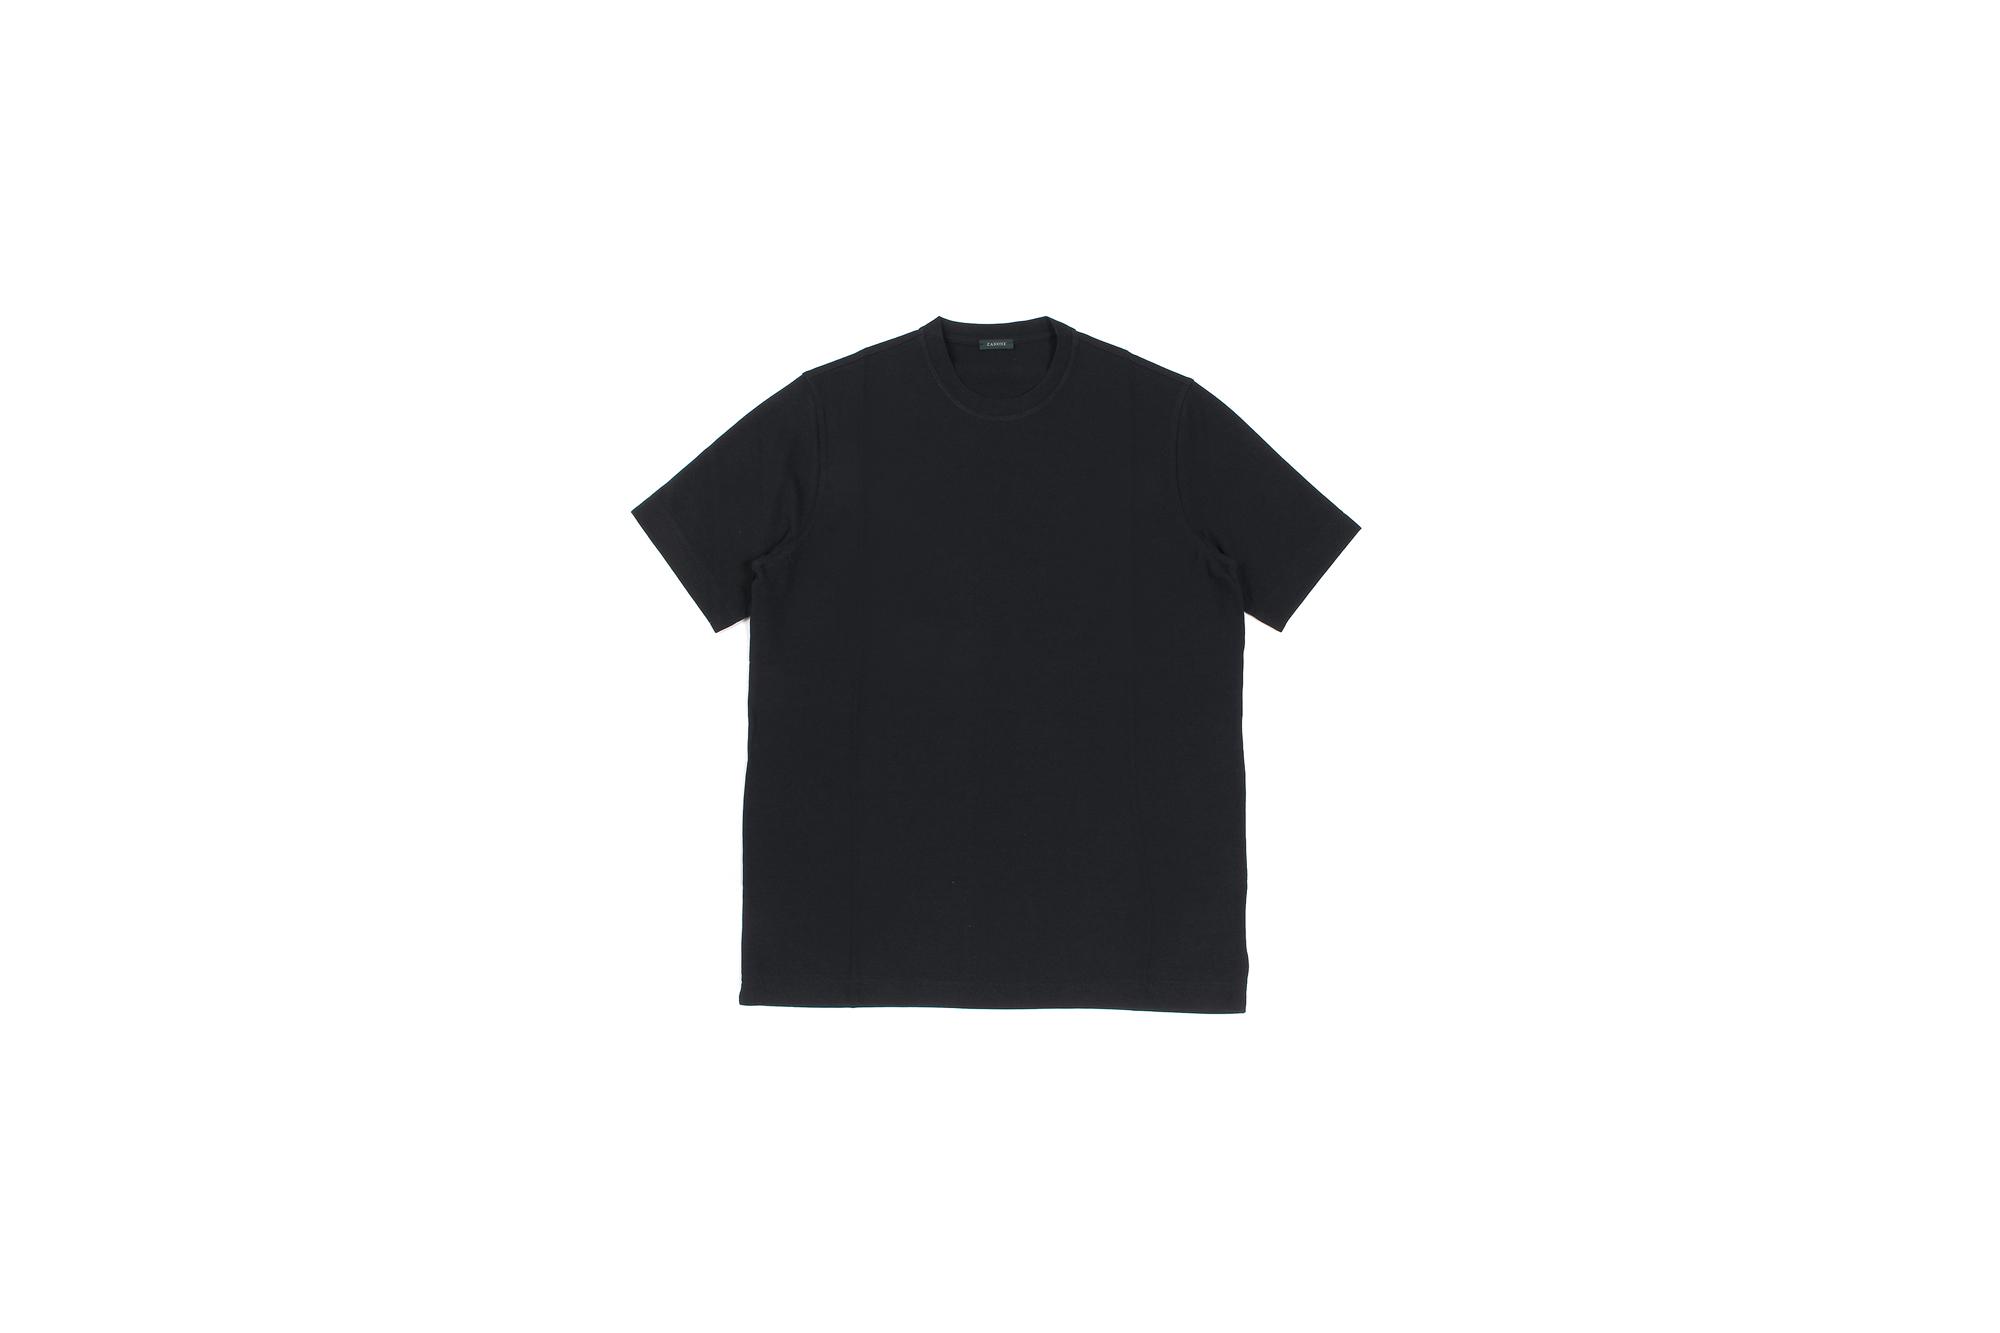 ZANONE(ザノーネ) Crew Neck T-shirt (クルーネックTシャツ) ice cotton アイスコットン Tシャツ BLACK (ブラック・Z0015) MADE IN ITALY(イタリア製) 2020 春夏 【ご予約開始】愛知 名古屋 altoediritto アルトエデリット tee 夏Tシャツ